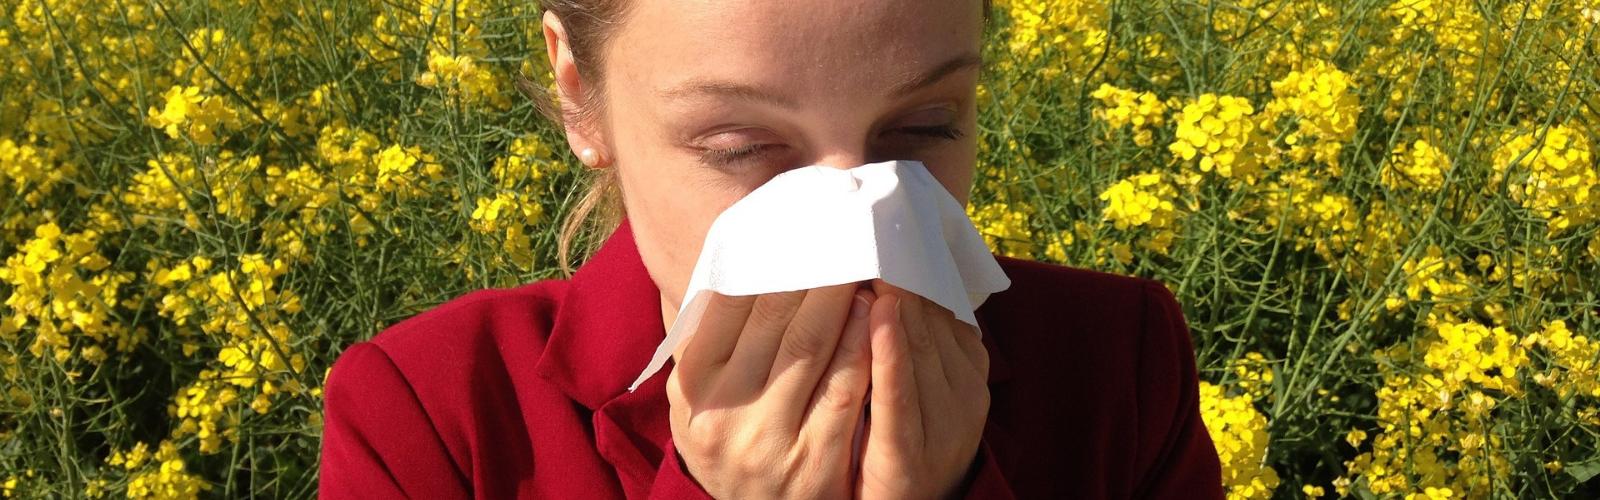 Científicos UMU descubren el mecanismo de los procesos de alergia